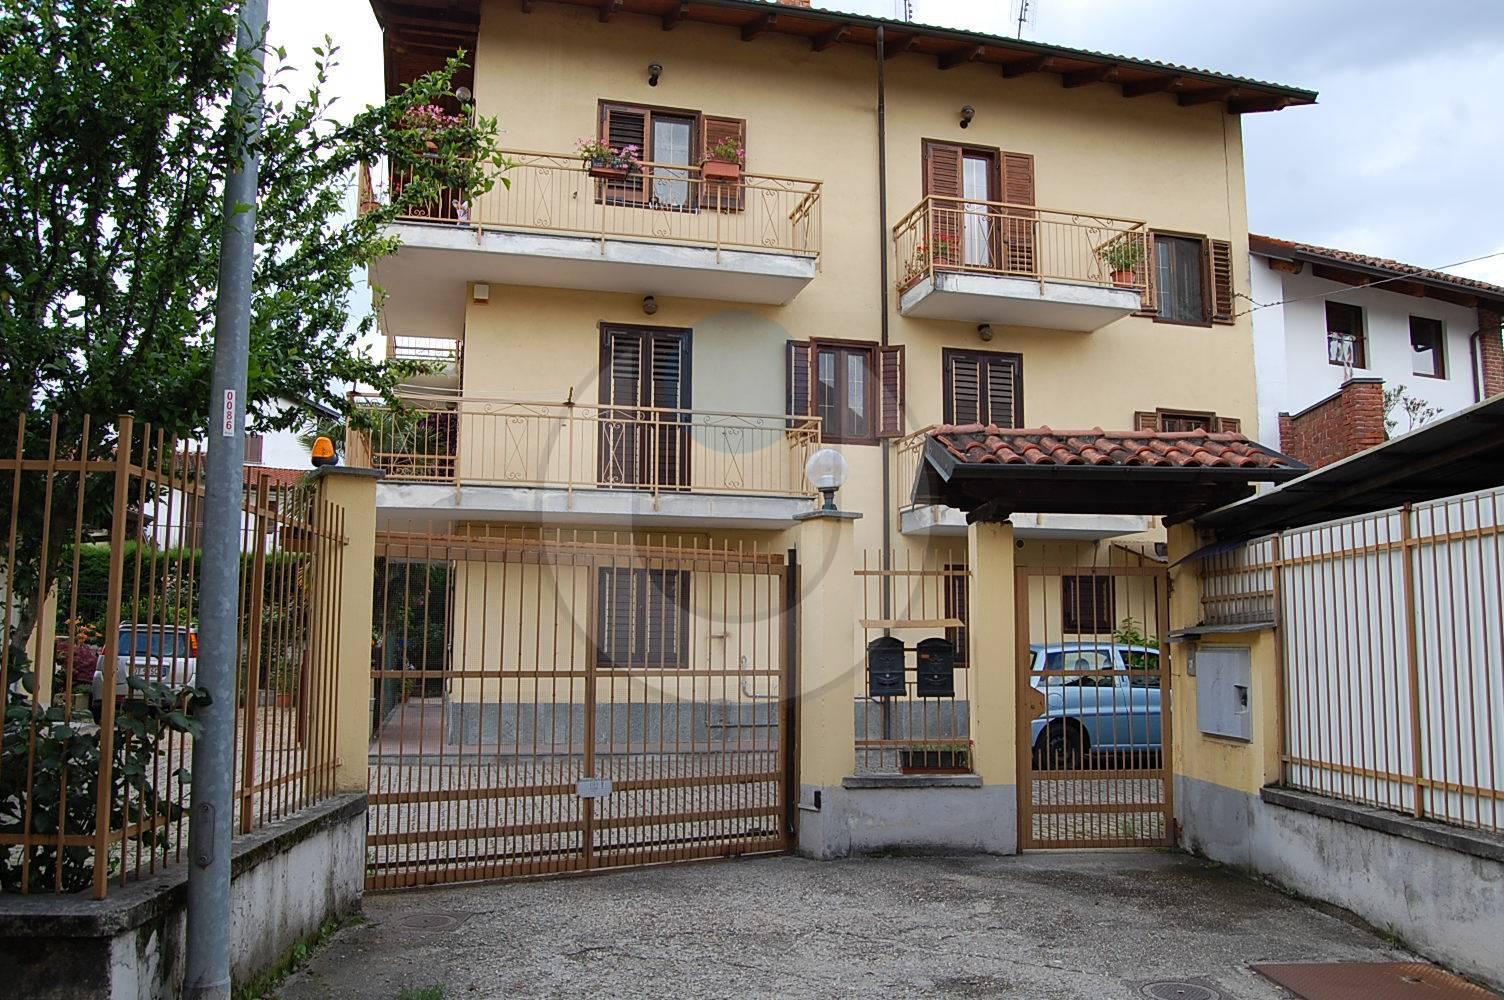 Appartamento in vendita a Giaveno, 4 locali, zona Località: ComodoAlCentro, prezzo € 165.000 | PortaleAgenzieImmobiliari.it